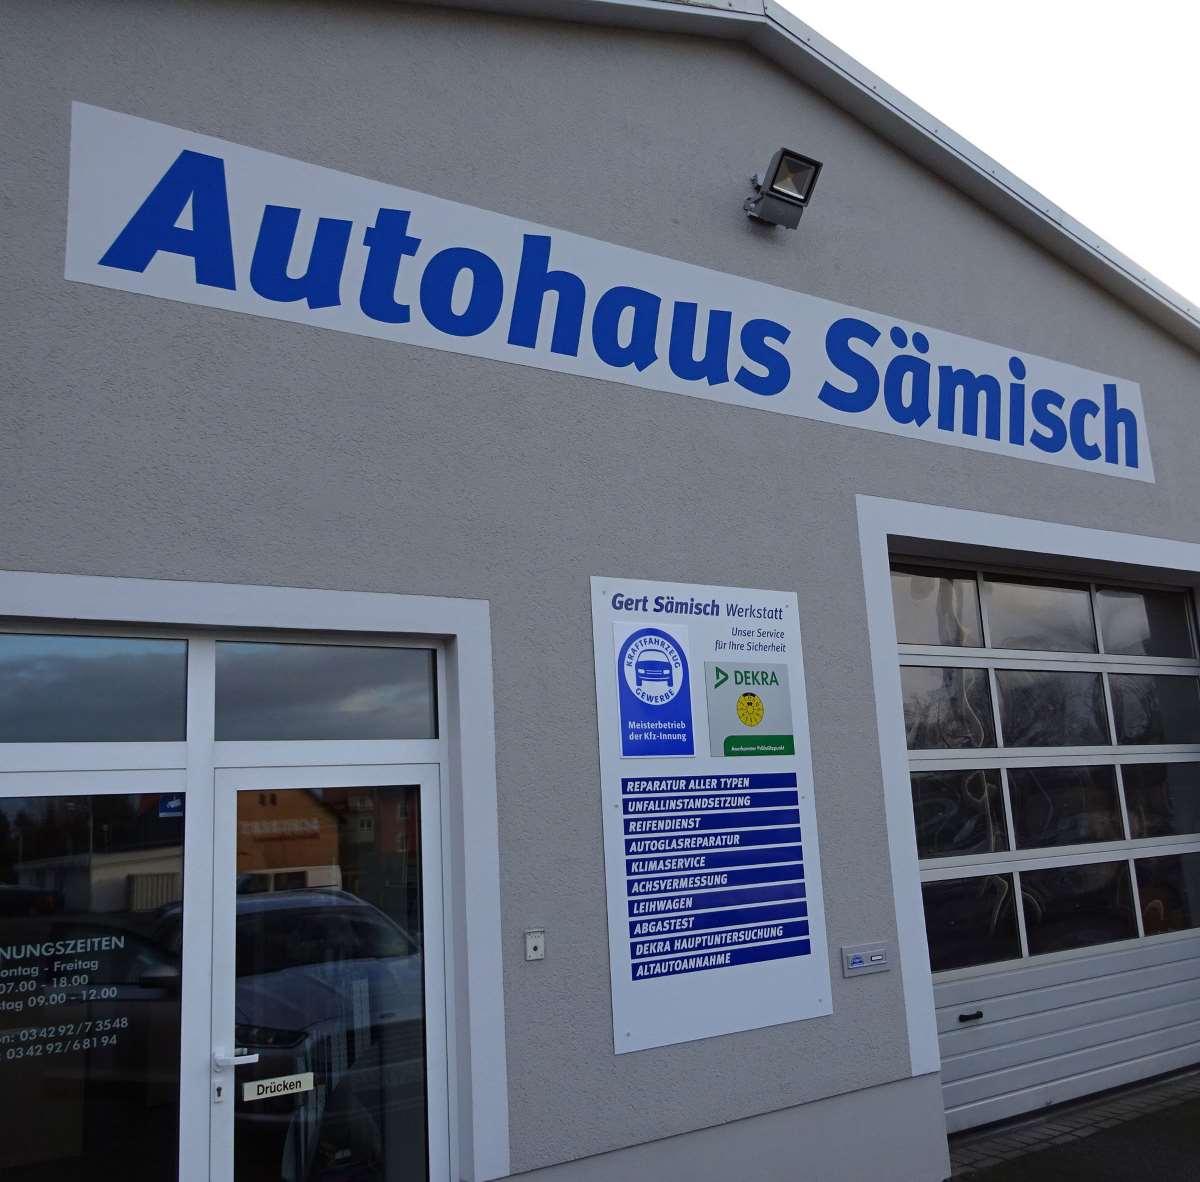 Ford Autohaus Gert Sämisch